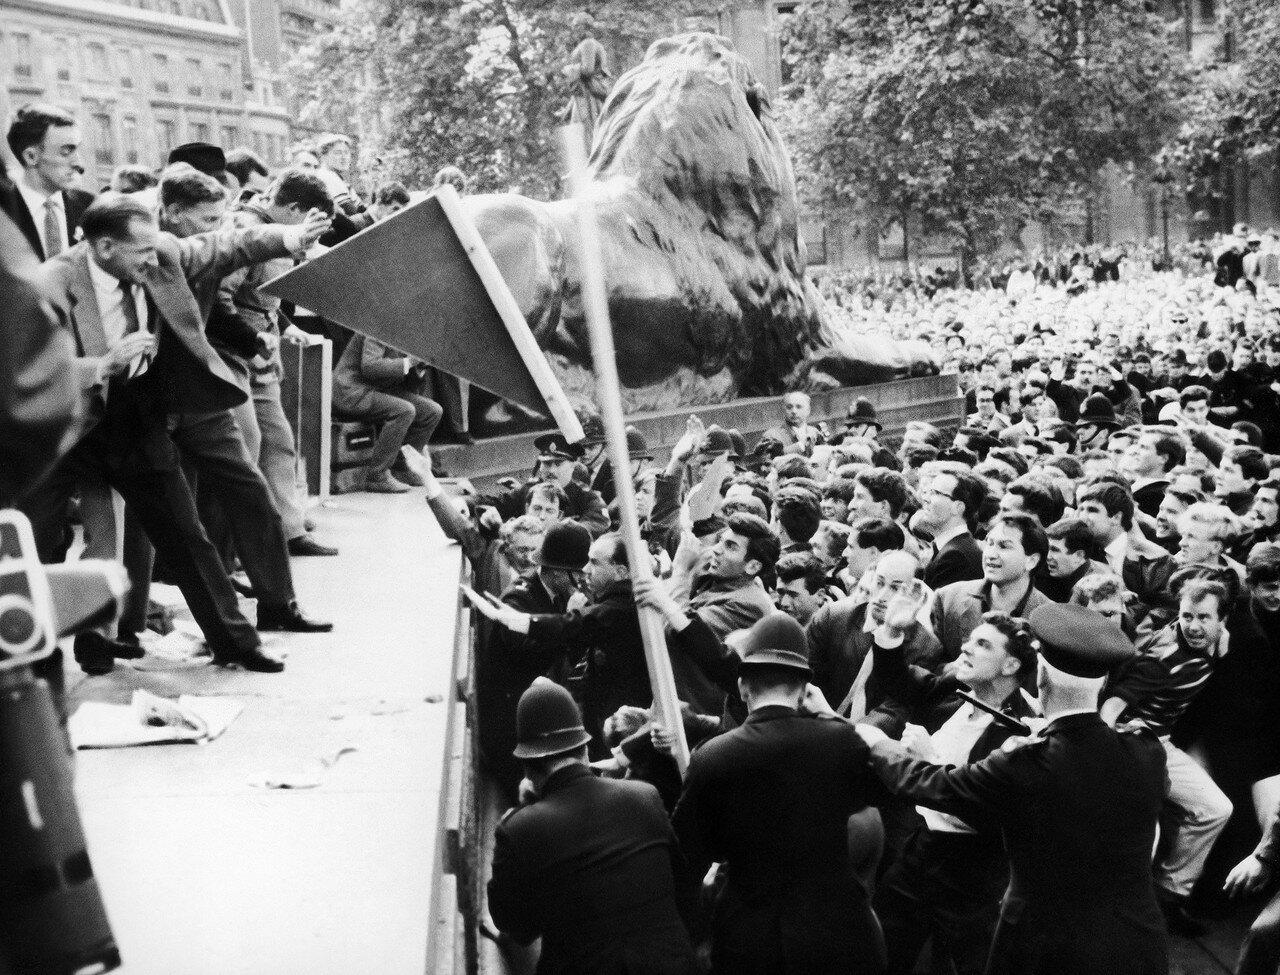 1962. 22 июля. Столкновение между полицией, присутствующими и членами Юнионистского движения под руководством сэра Освальда Мосли